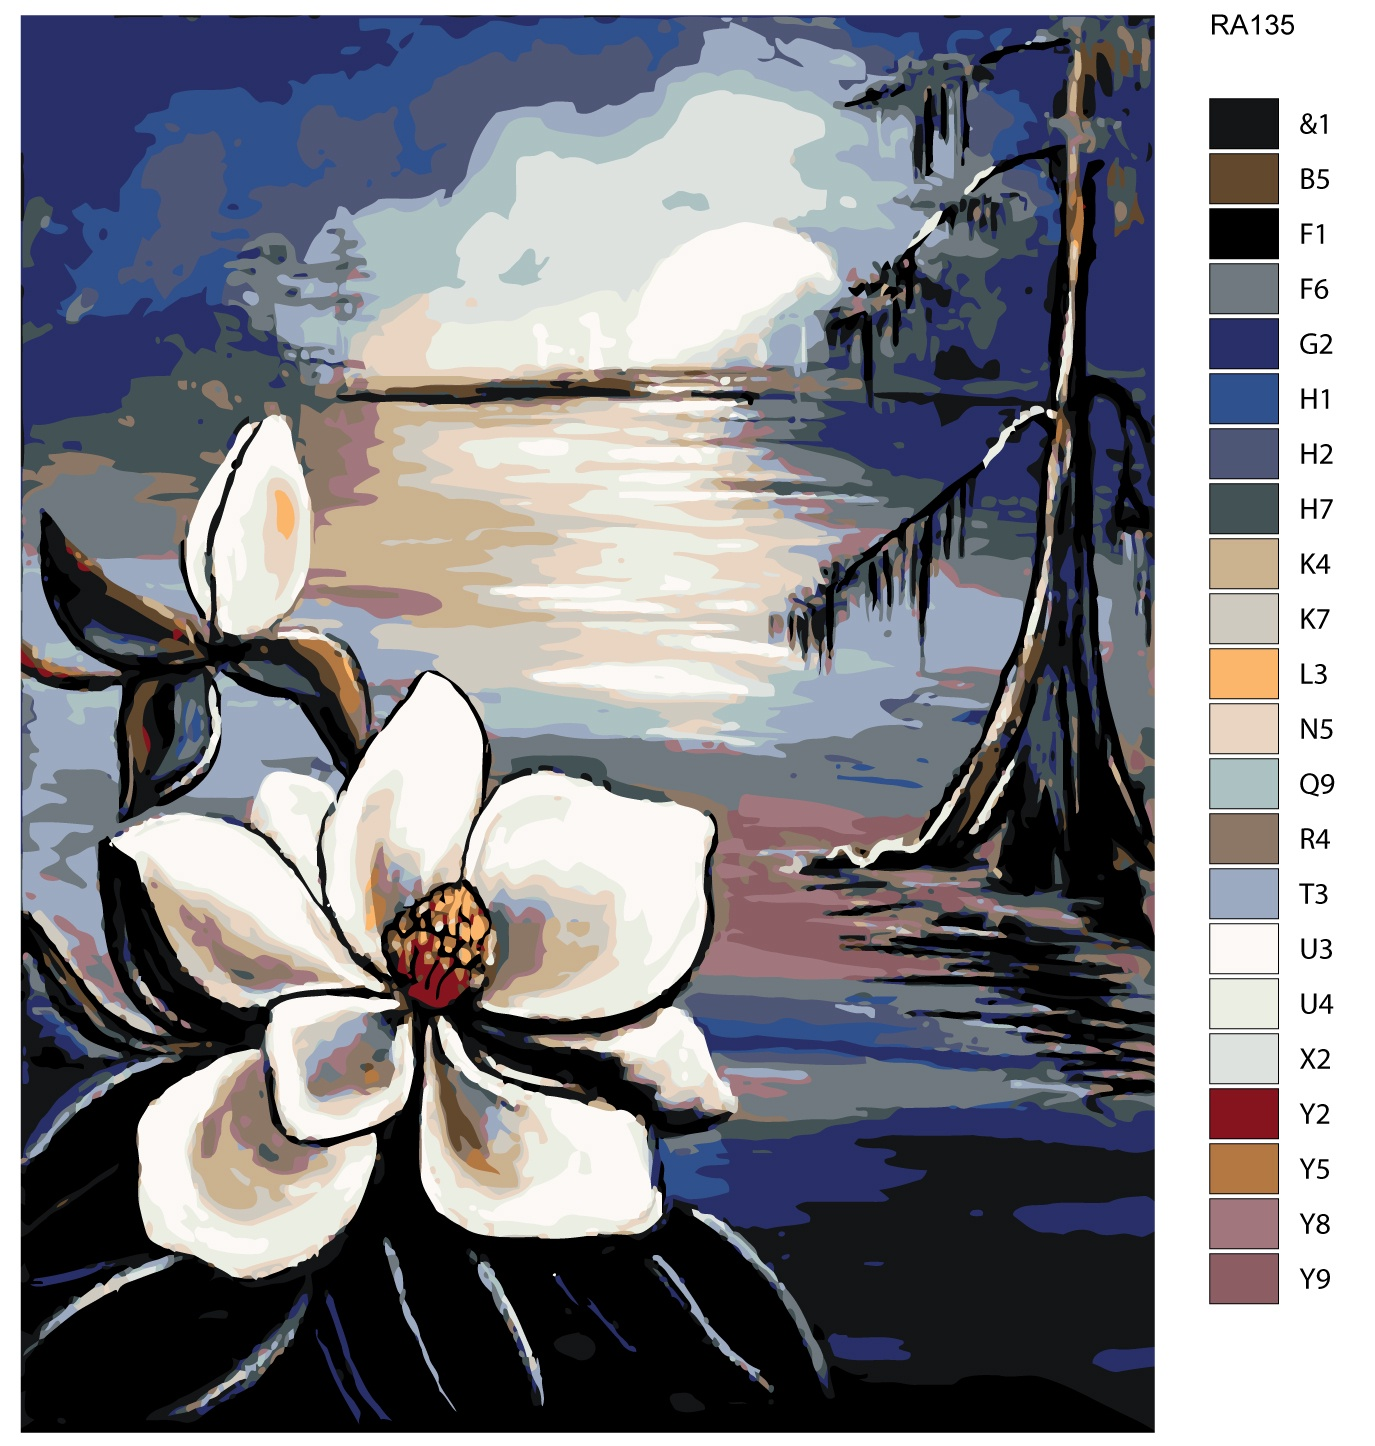 Картина по номерам, 80 x 100 см, RA135